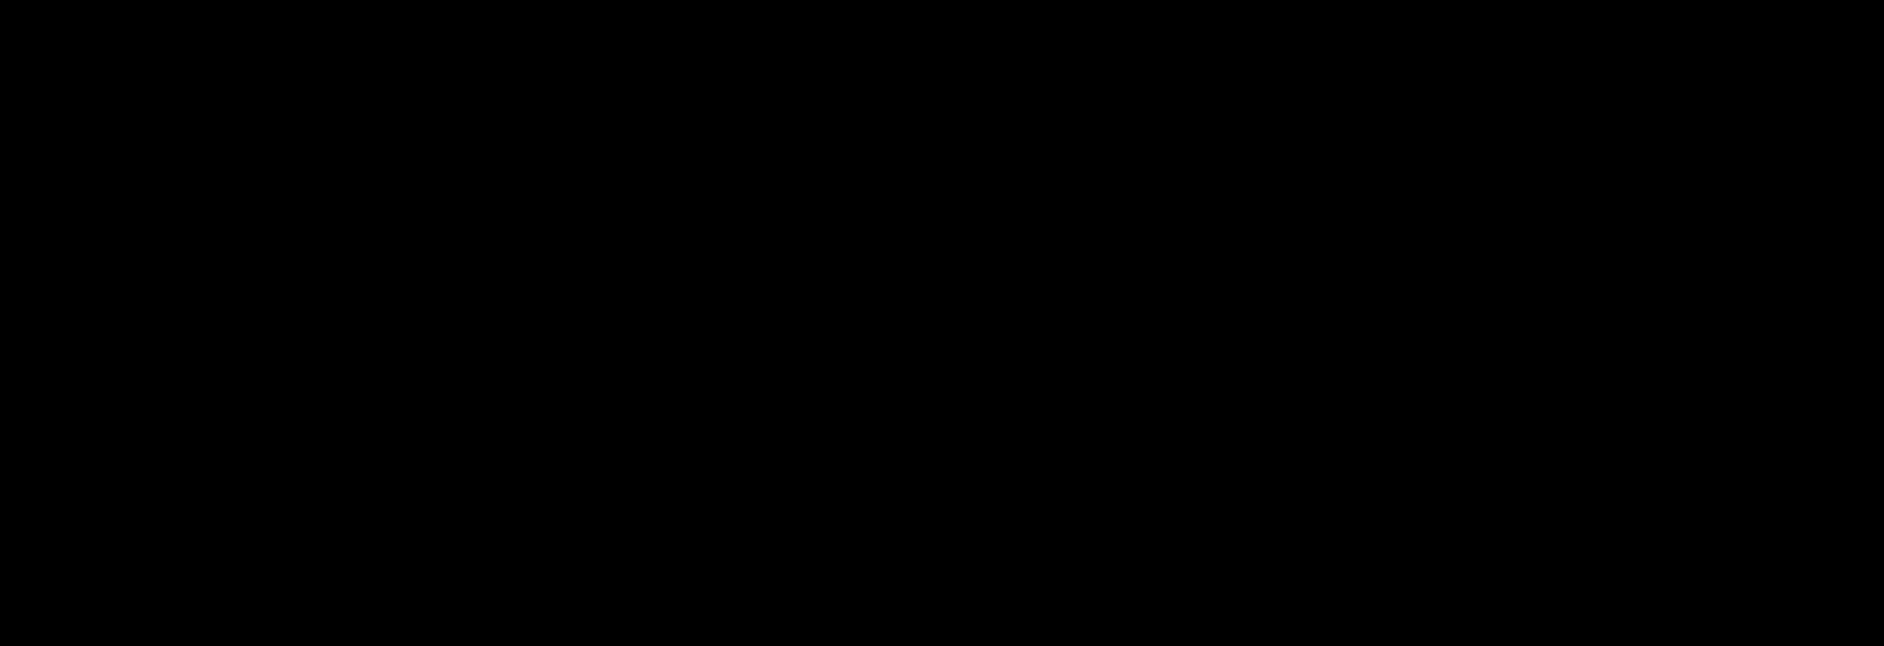 Bisphenol A (dimethyl-d<sub>6</sub>) β-D-glucuronide